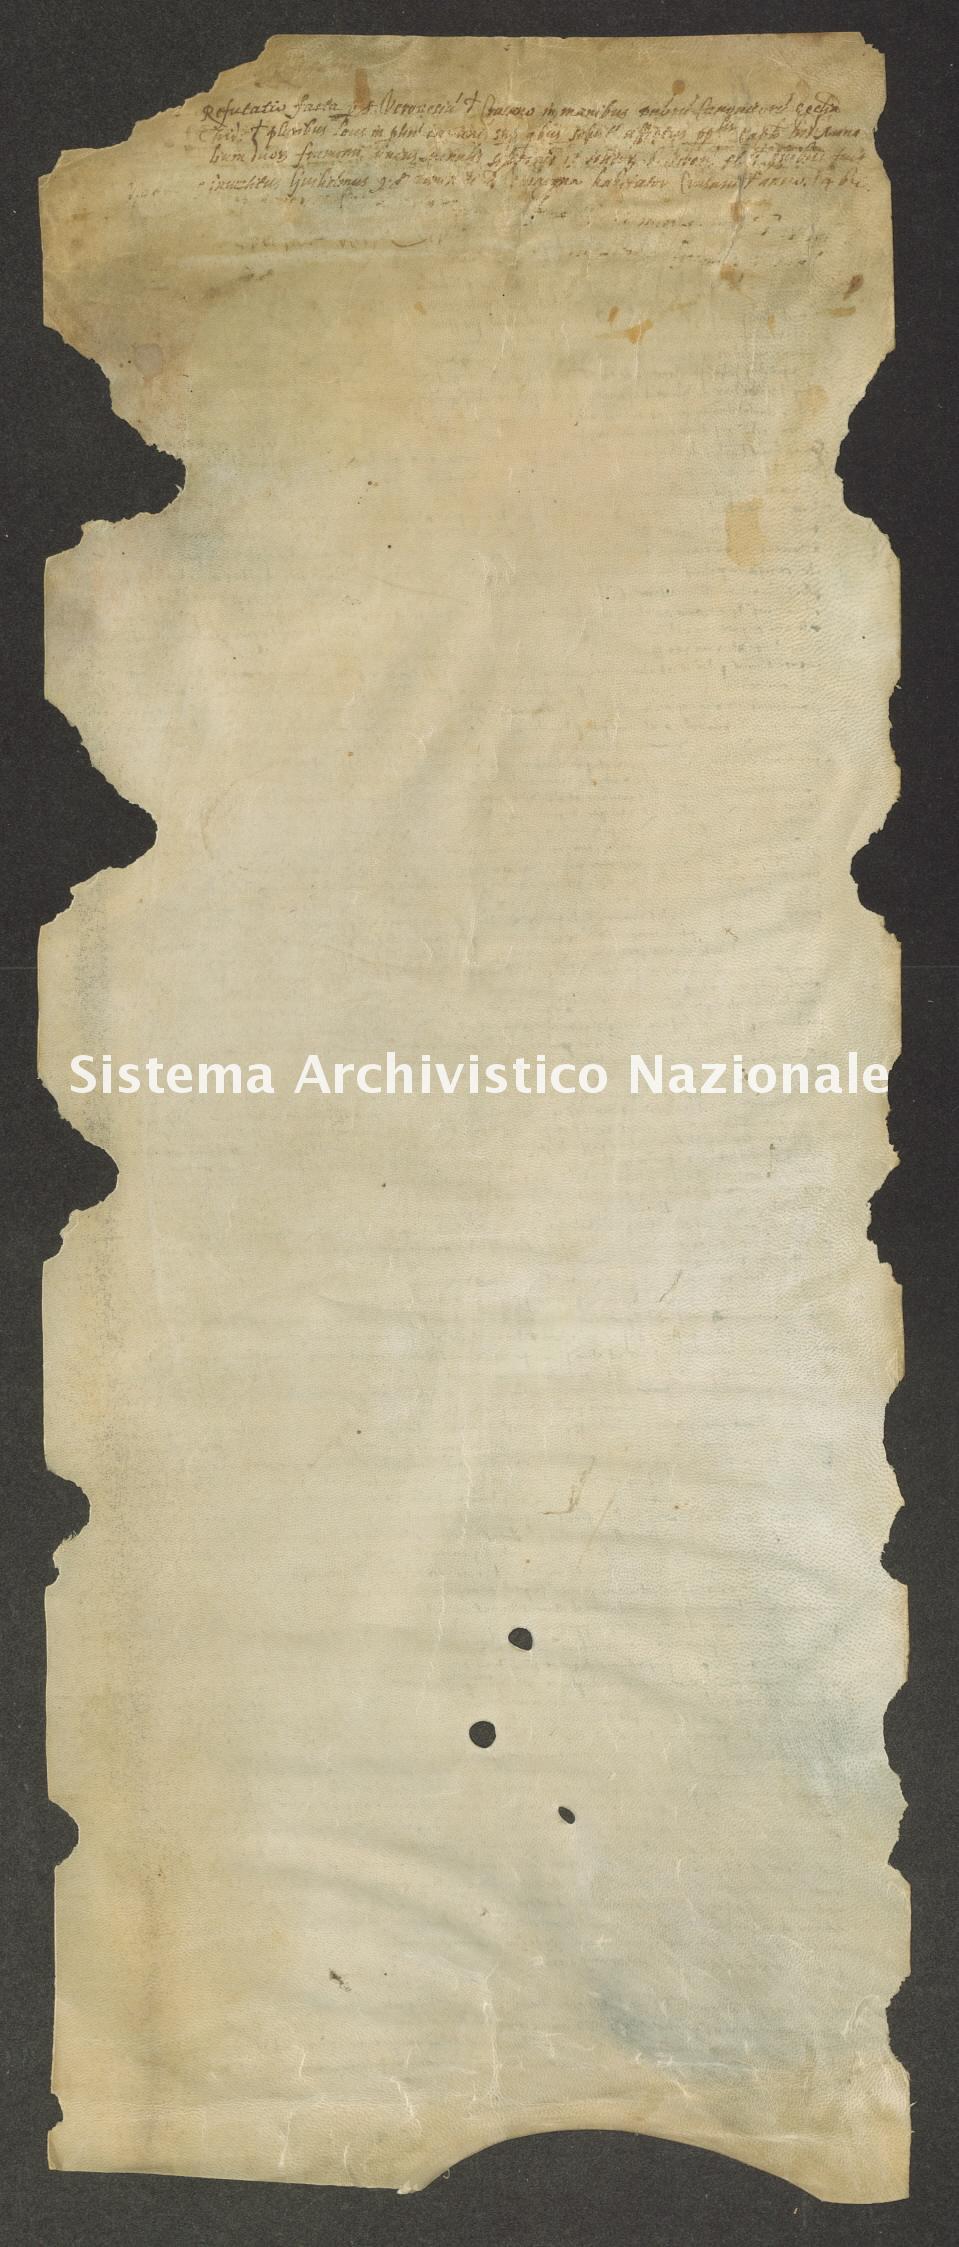 Archivio di Stato di Trento, Capitolo del Duomo di Trento, Pergamena ITASTNCAPITOLODUOMON0639